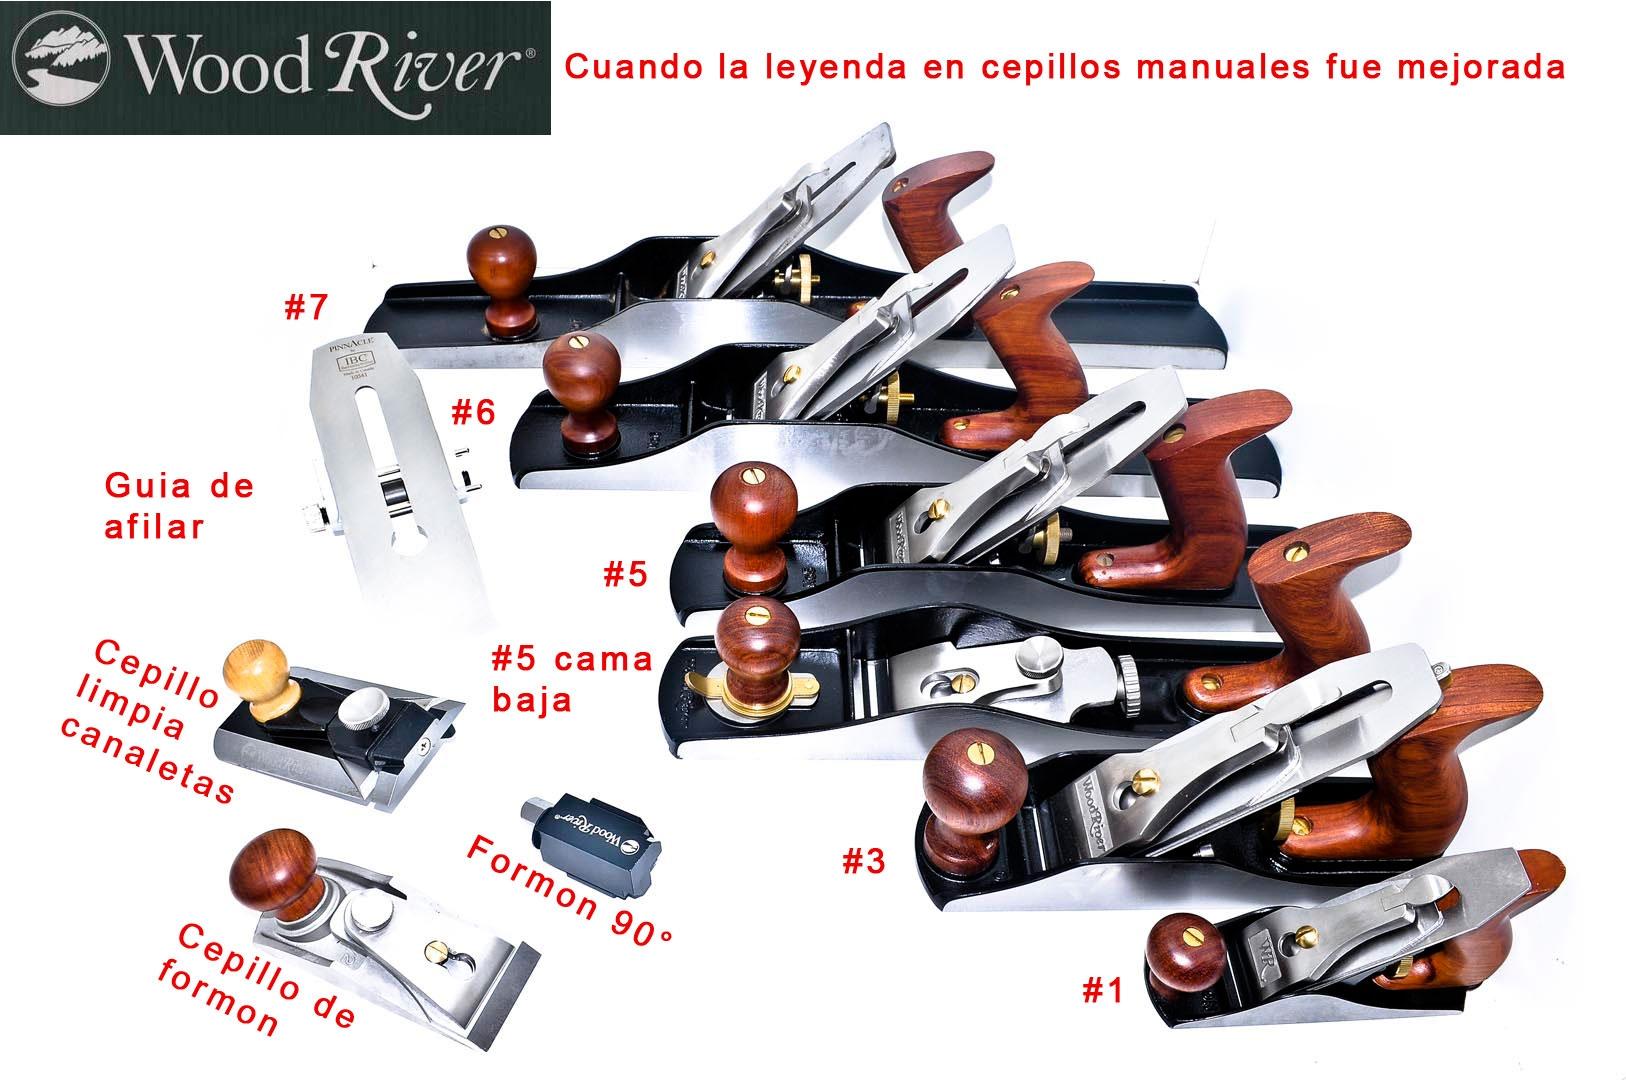 150876-Cepillo 6 bedrock garlopa para madera fina WoodRiver 150876-max-6.